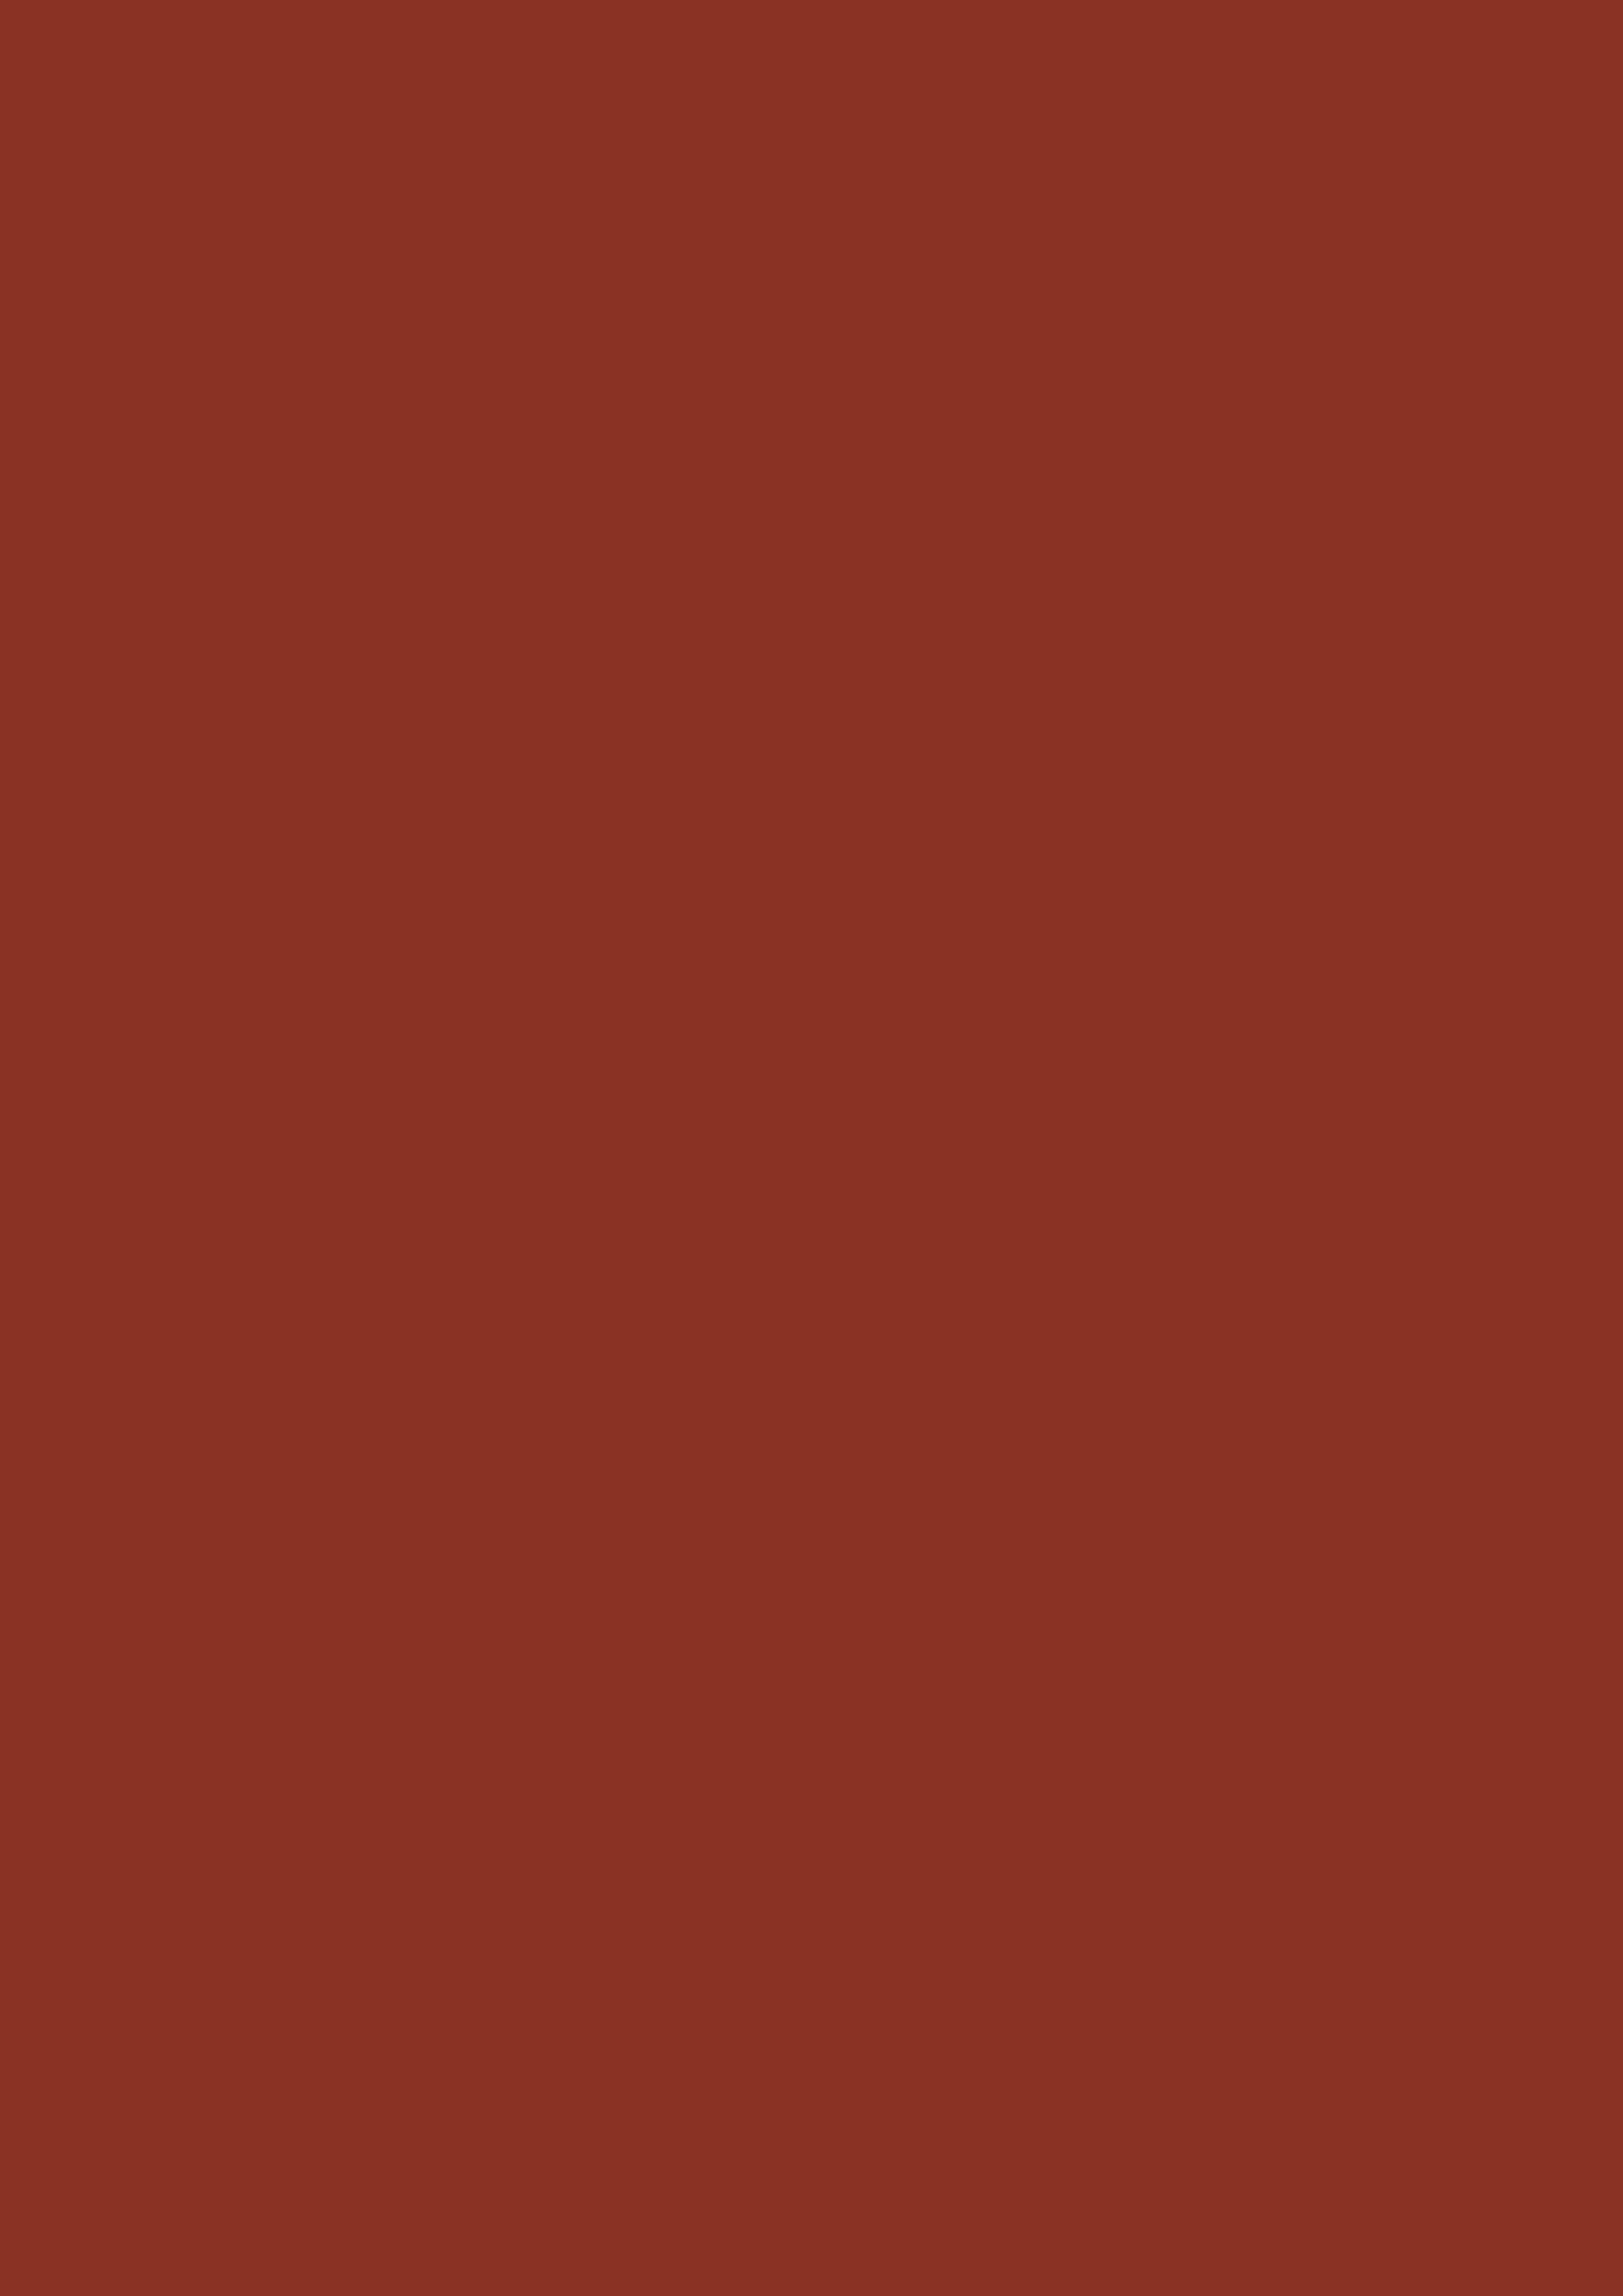 2480x3508 Burnt Umber Solid Color Background